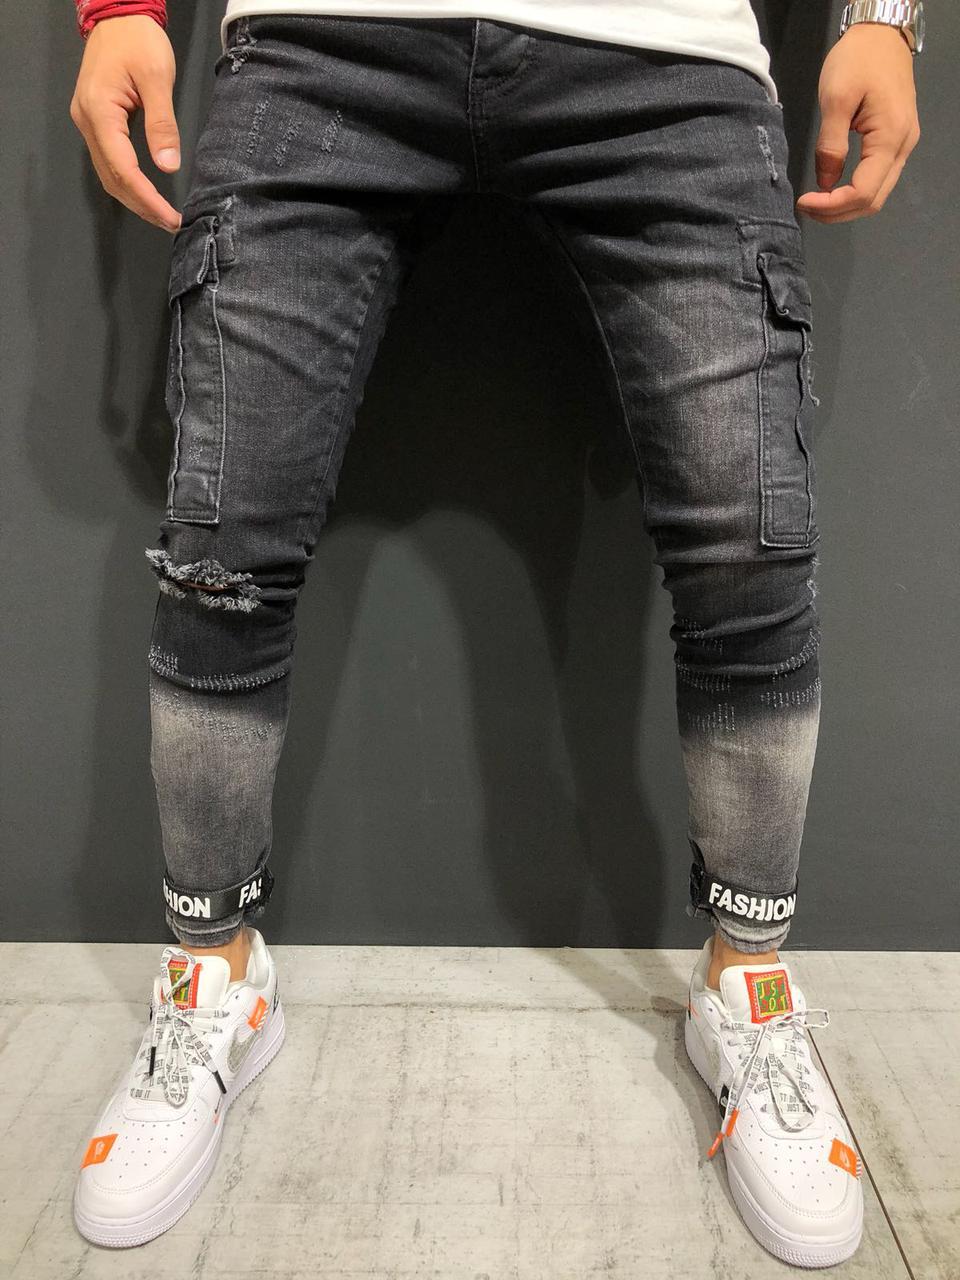 b6c8251c9a8 Мужские джинсы с дырками на коленях (рваные джинсы) черные серые зауженные  - Krossovki в